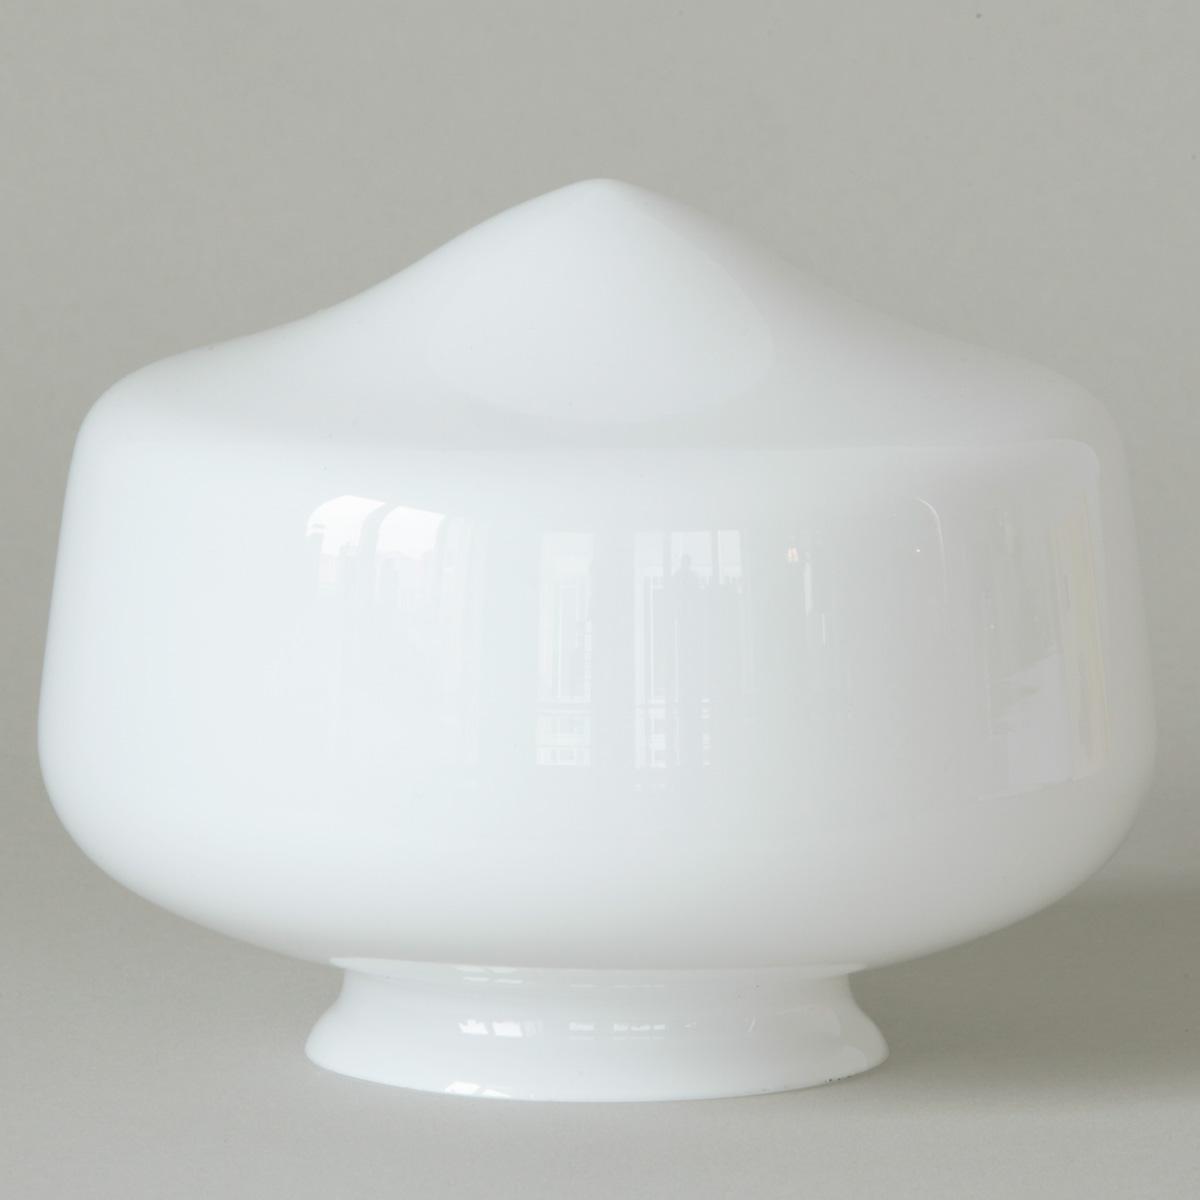 kleine messing deckenlampe mit opalglas 15 cm casa lumi. Black Bedroom Furniture Sets. Home Design Ideas